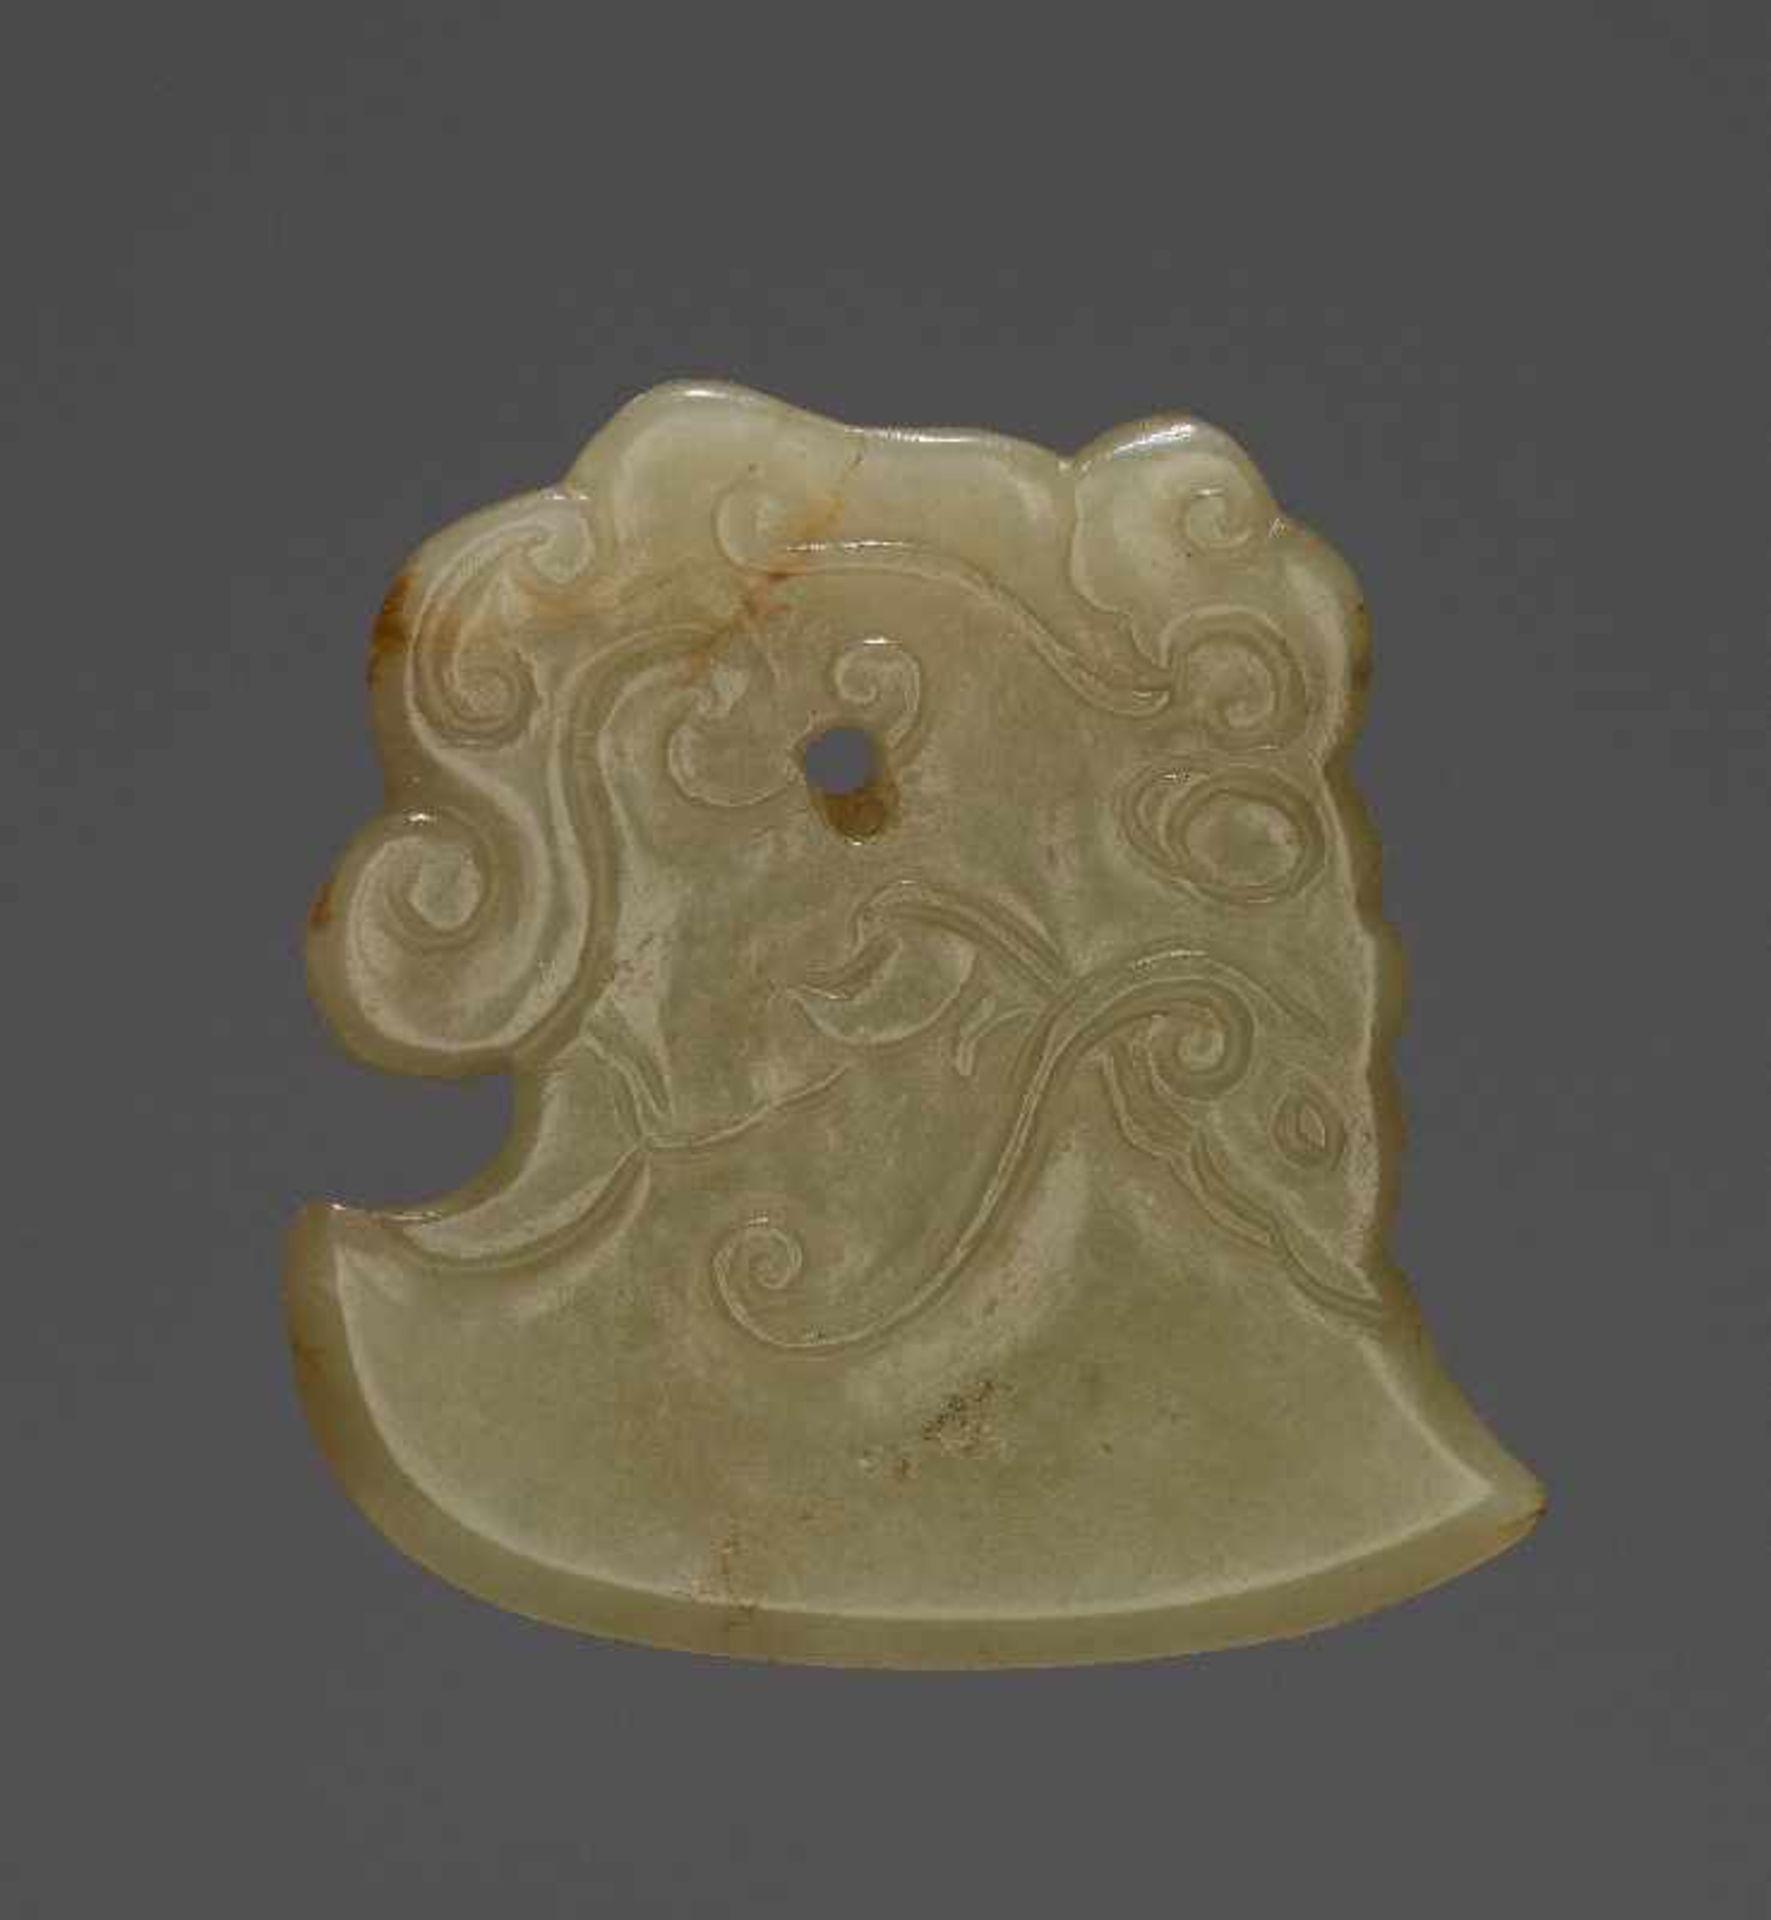 KONVOLUT MIT EINER BI UND DREI AMULETTENJade. China, späte Qing-Dynastie, 19. Jh. 75a: BI Jade. - Image 6 of 17